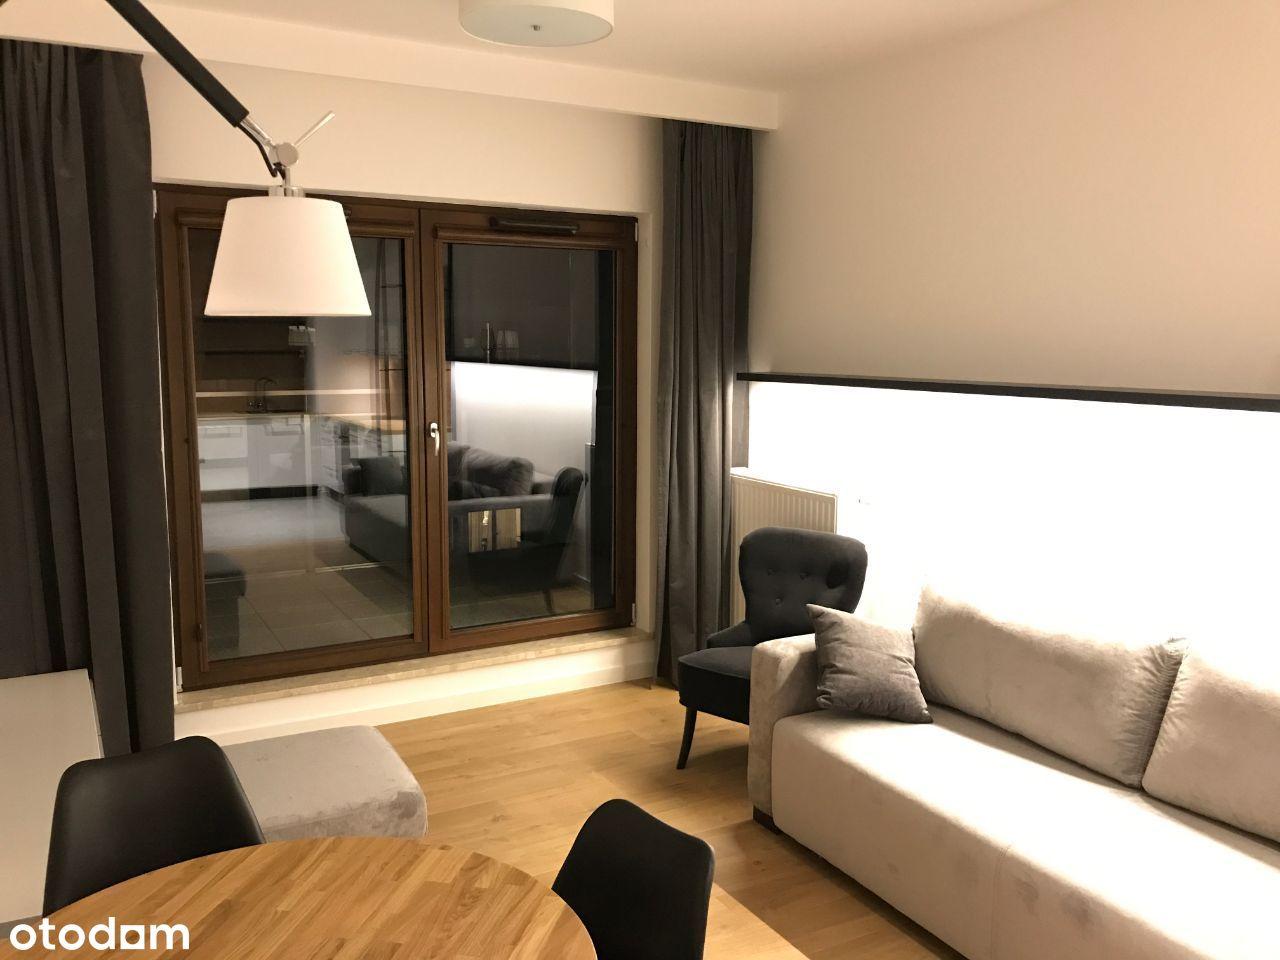 2 pokoje Wilanów, apartament, duży taras.